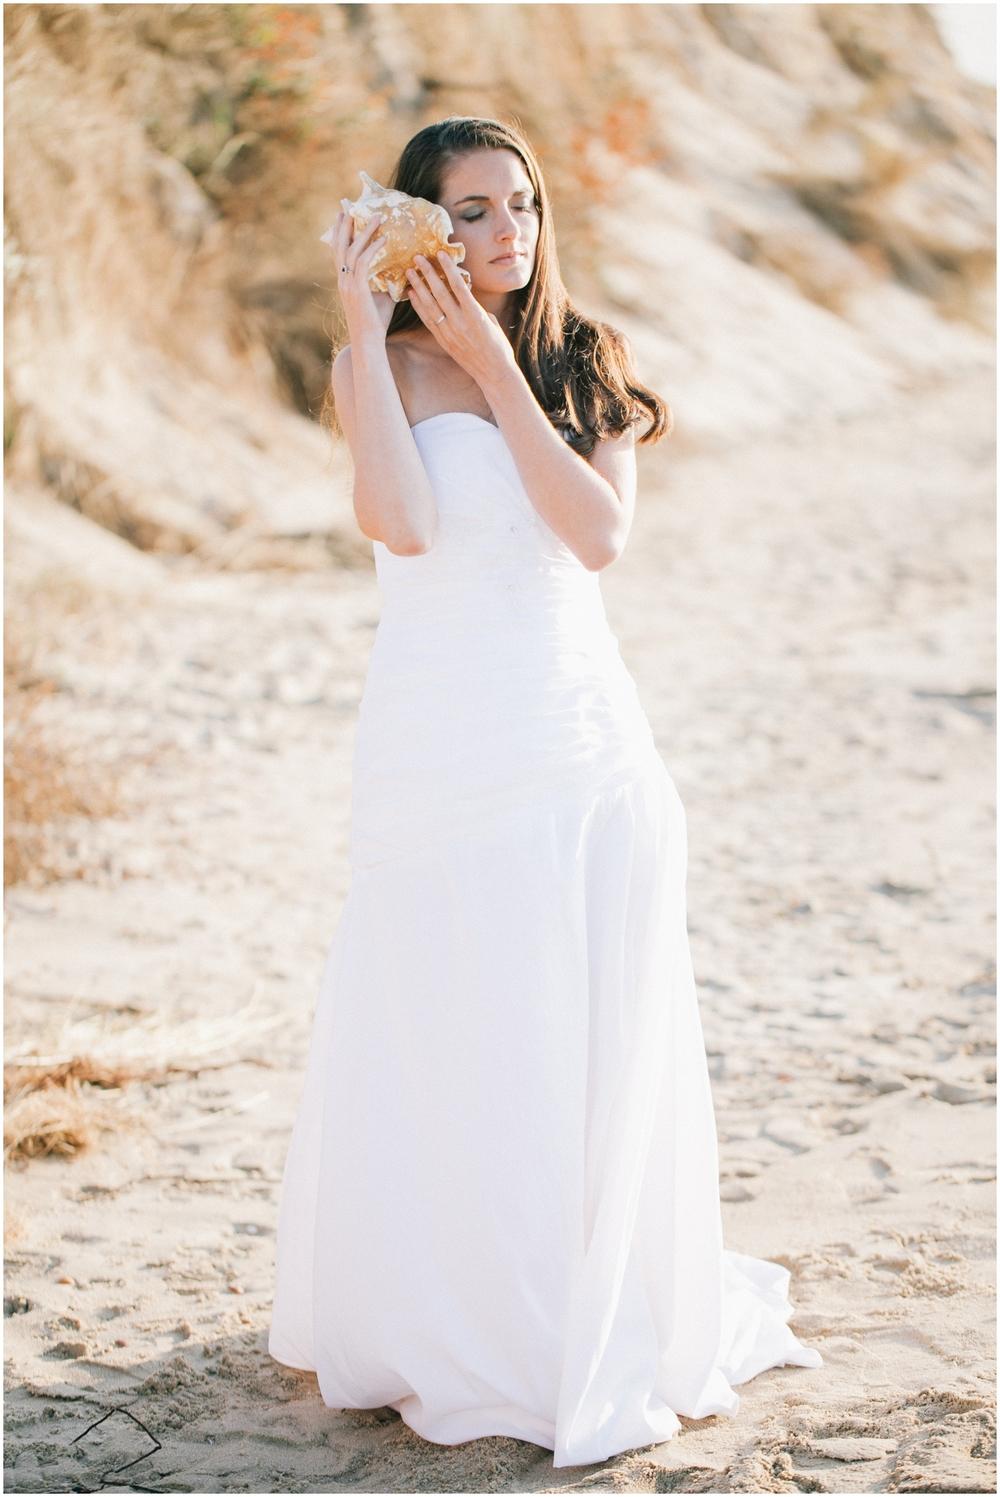 bridal-shoot-beach-inpsiration-cadzand-042.jpg